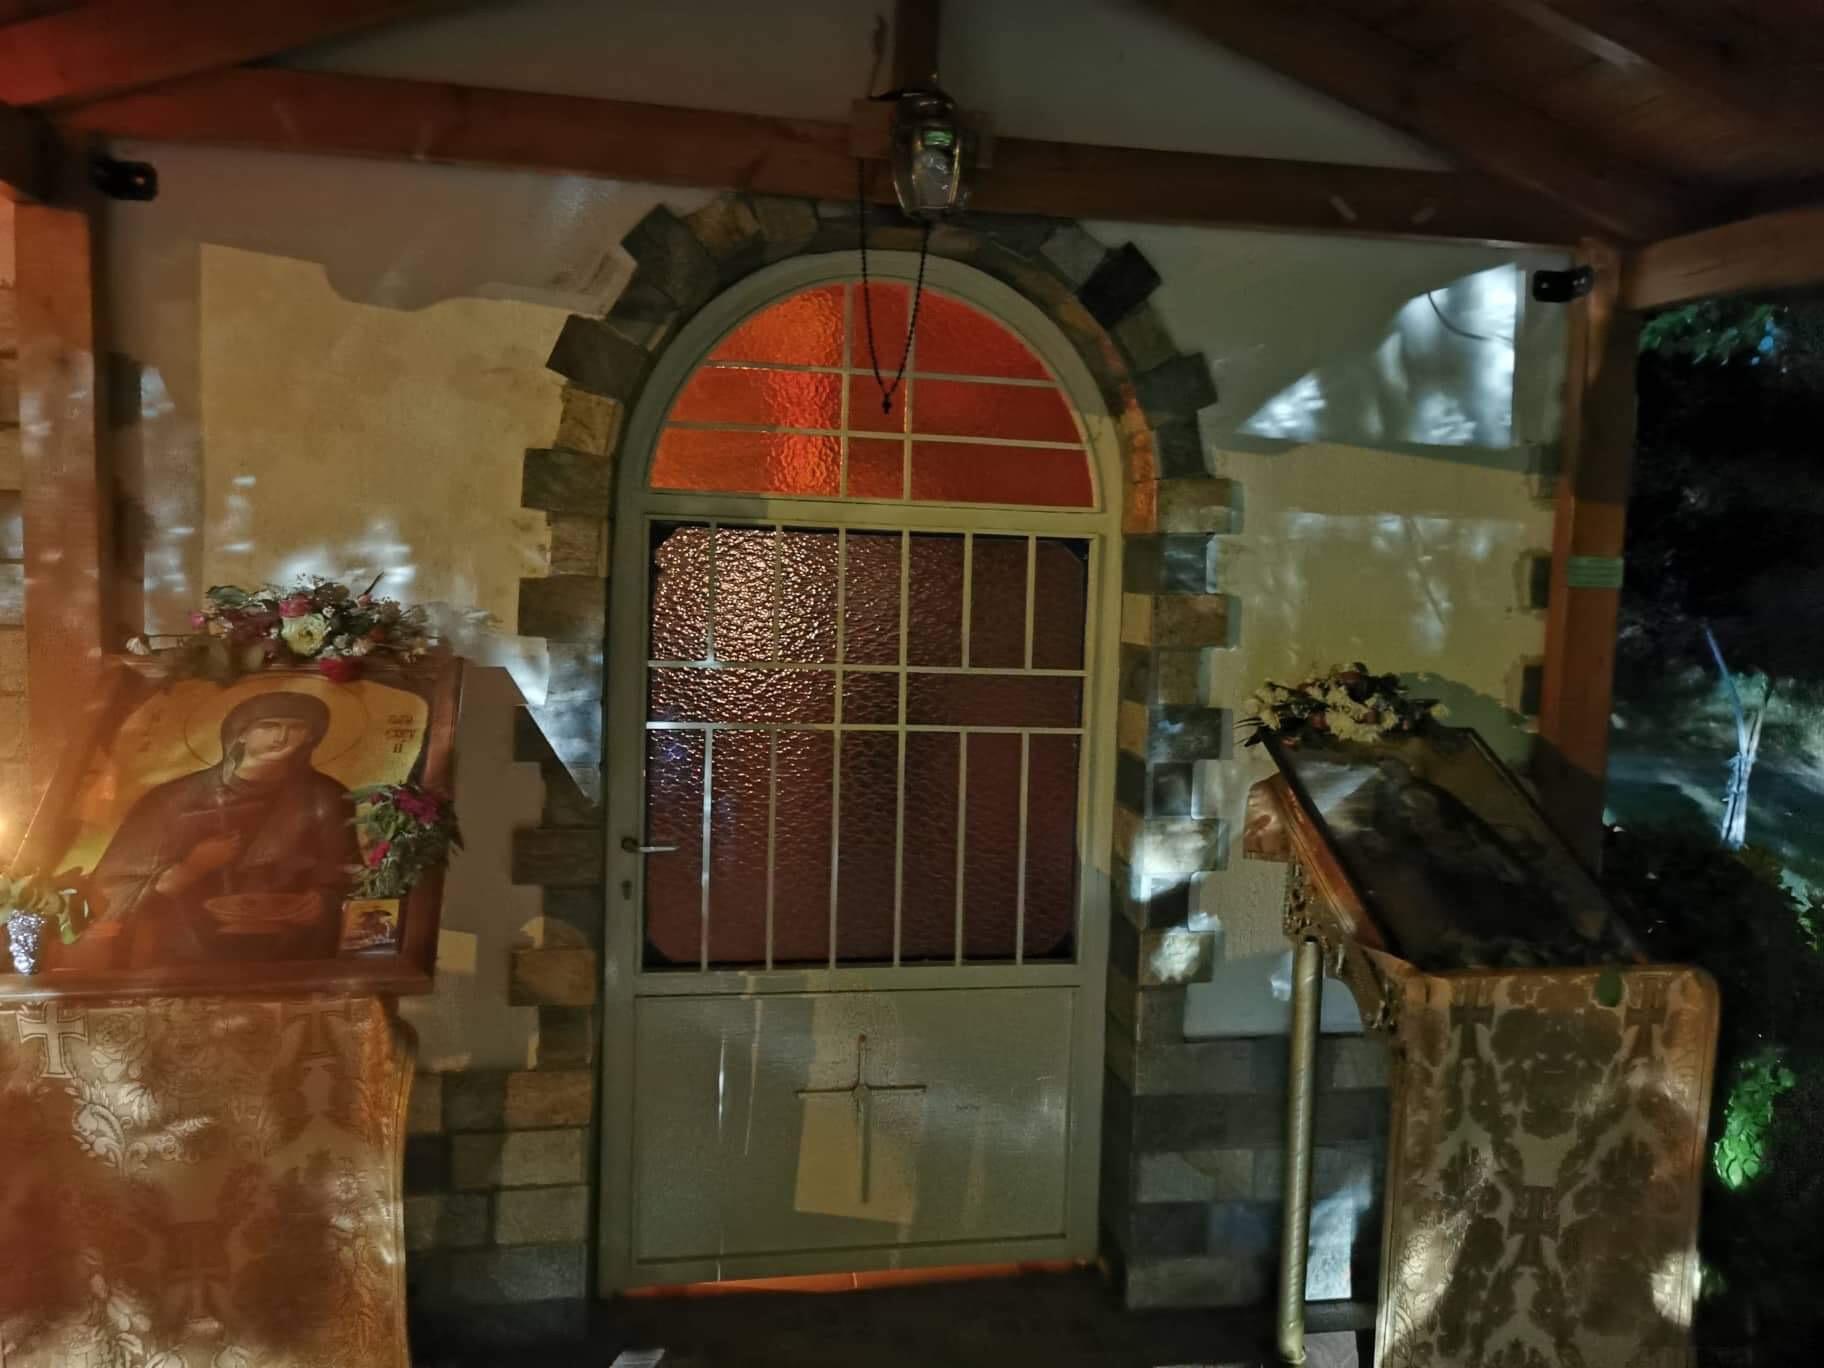 Συγκλονίζει το θαύμα στο Καλοχώρι Λάρισας - Εμφανίστηκε  η Αγία Παρασκευή ΦΩΤΟ -ΒΙΝΤΕΟ